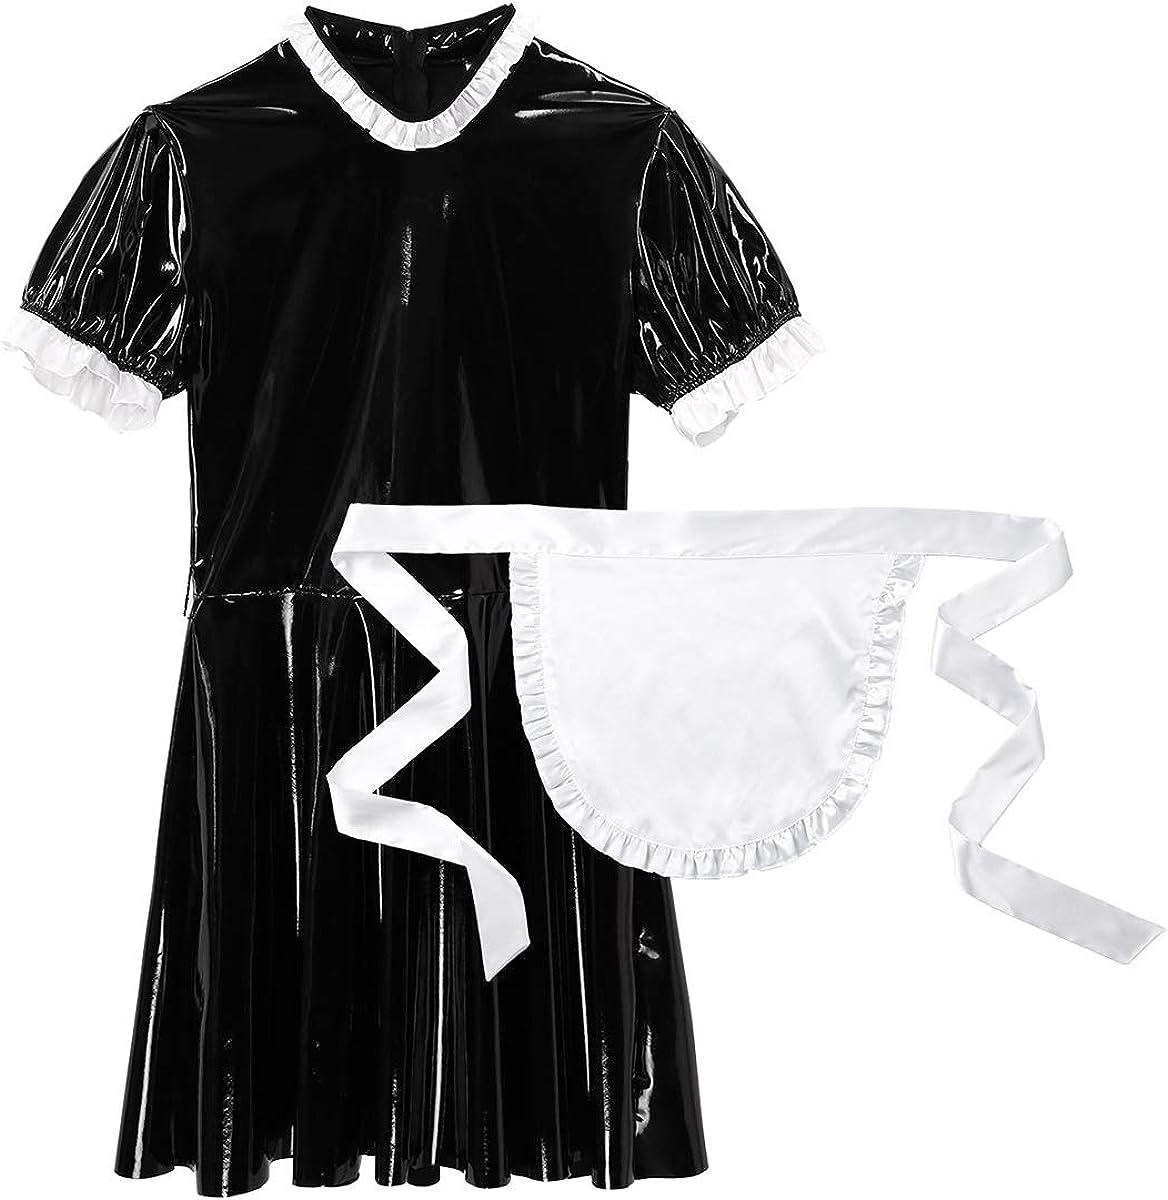 訳あり品送料無料 MSemis 在庫あり Men's Sissy French Maid Crossdress Lingerie Nightwe Dress